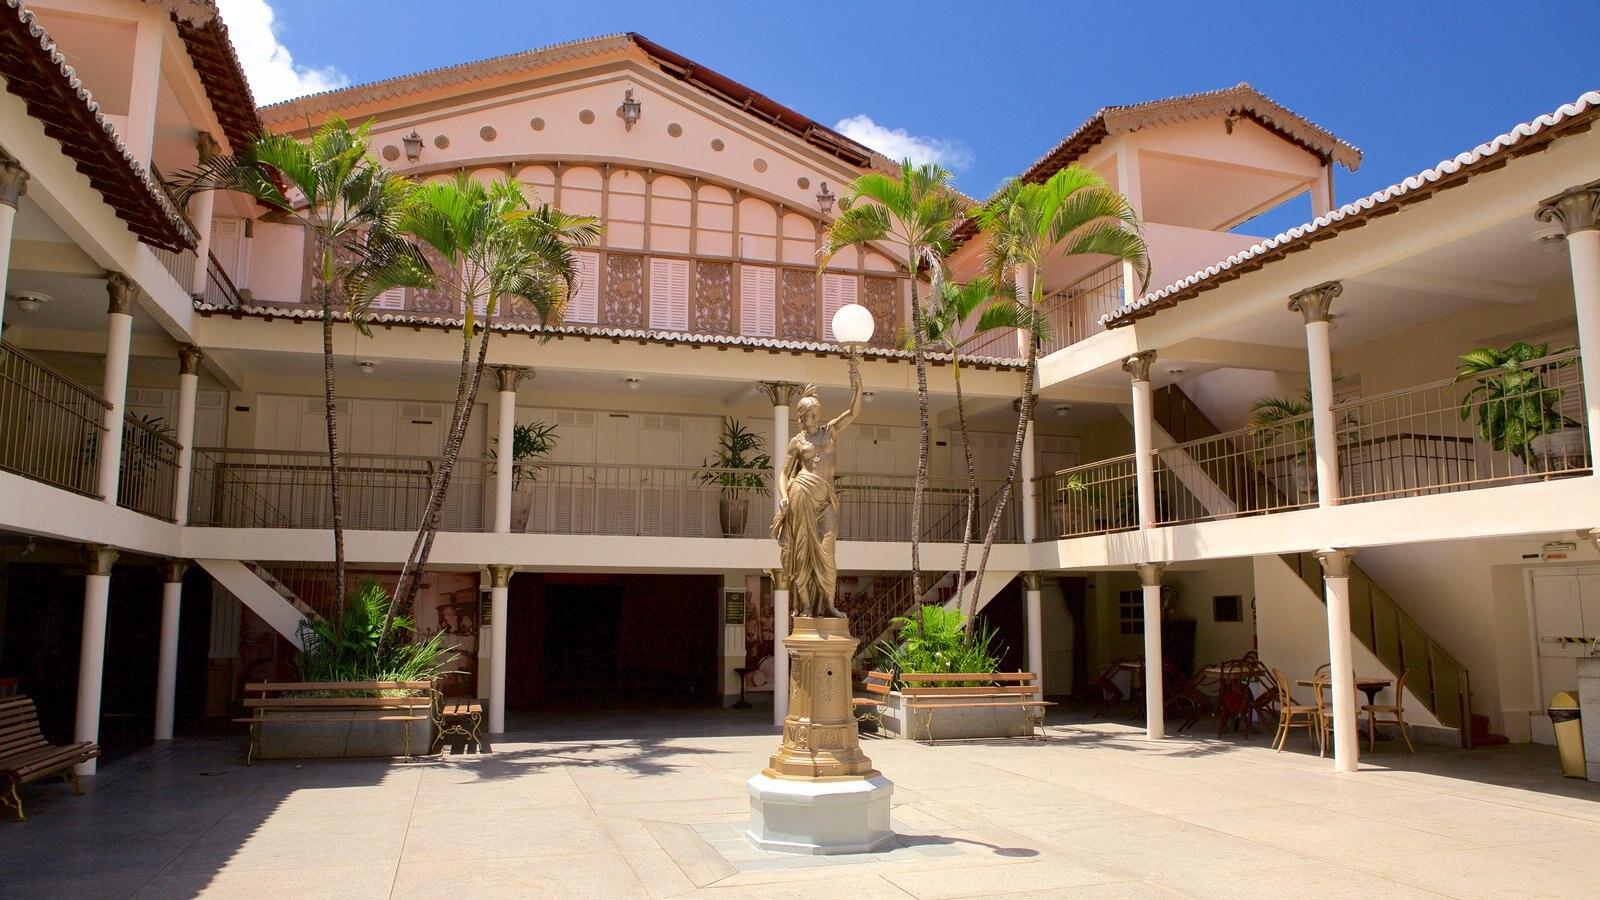 Teatro Alberto Maranhão que inclui cenas de teatro e uma estátua ou escultura